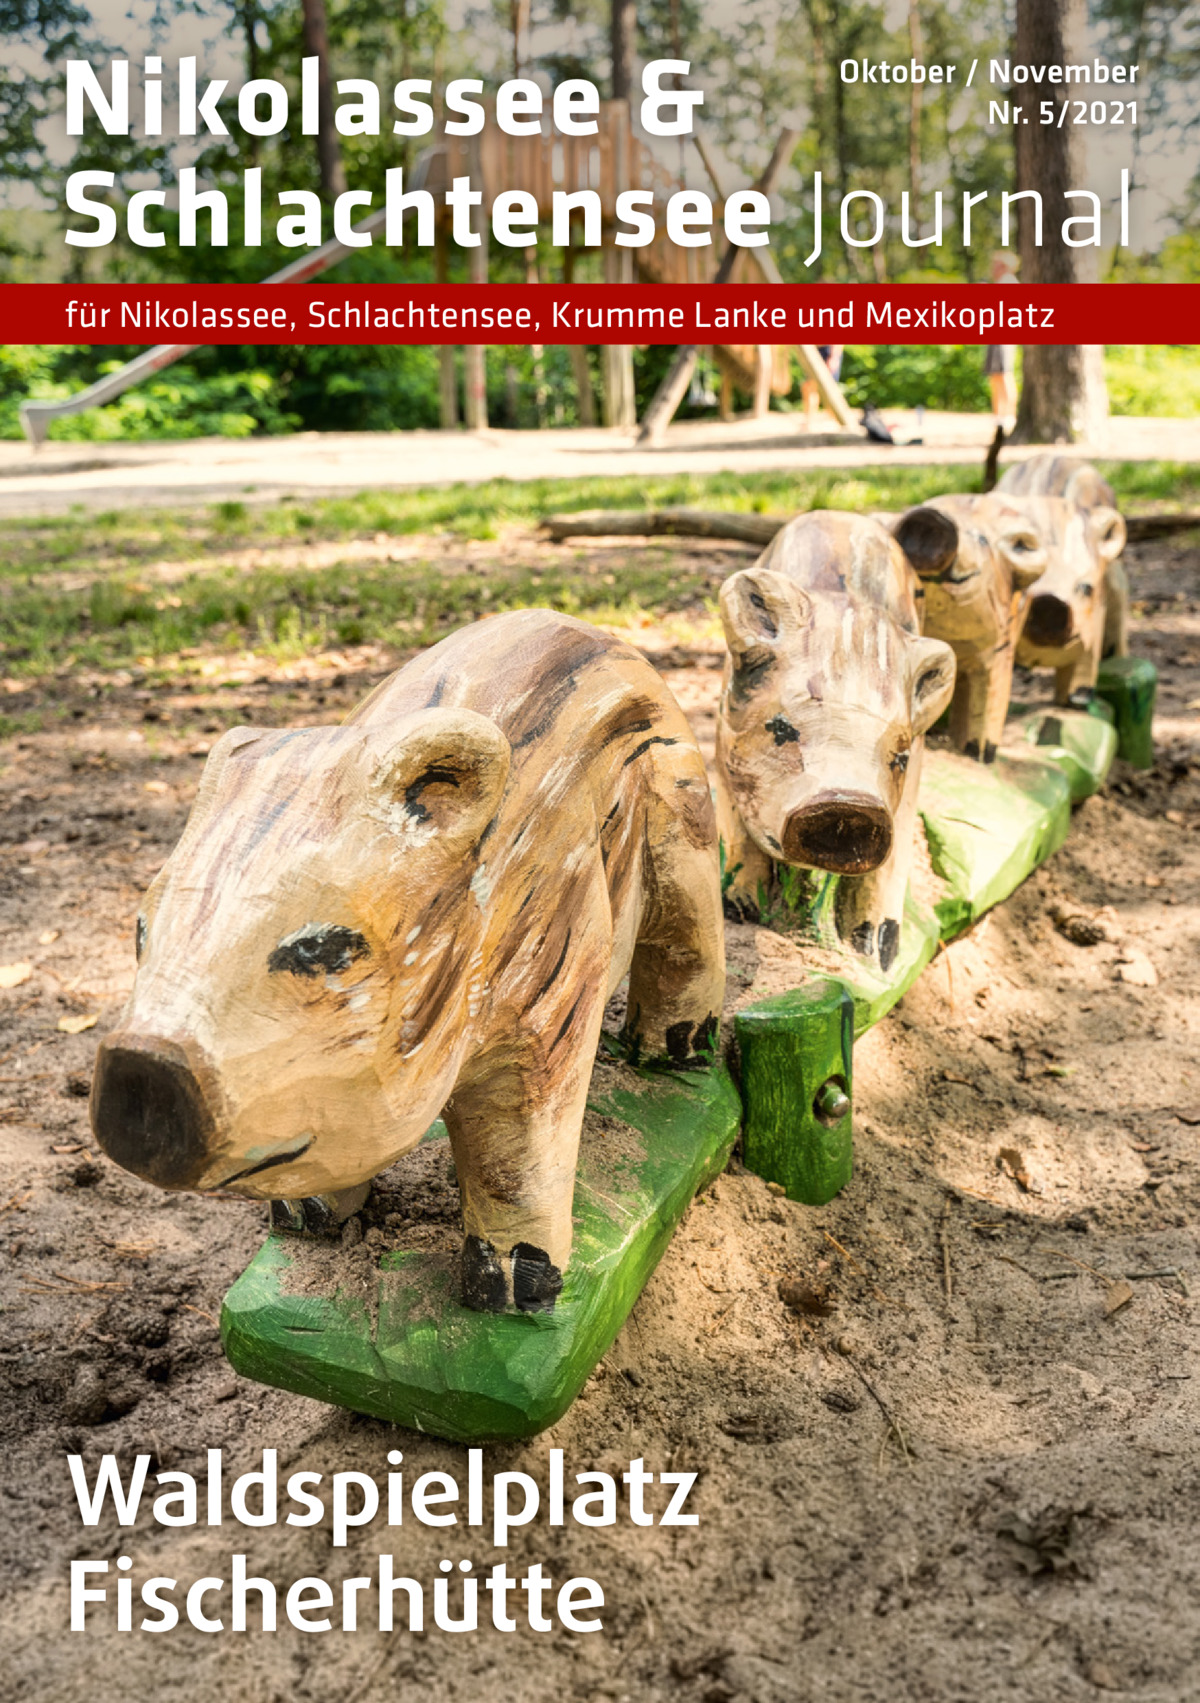 Nikolassee & Schlachtensee Journal  Oktober / November Nr. 5/2021  für Nikolassee, Schlachtensee, Krumme Lanke und Mexikoplatz  Waldspielplatz Fischerhütte